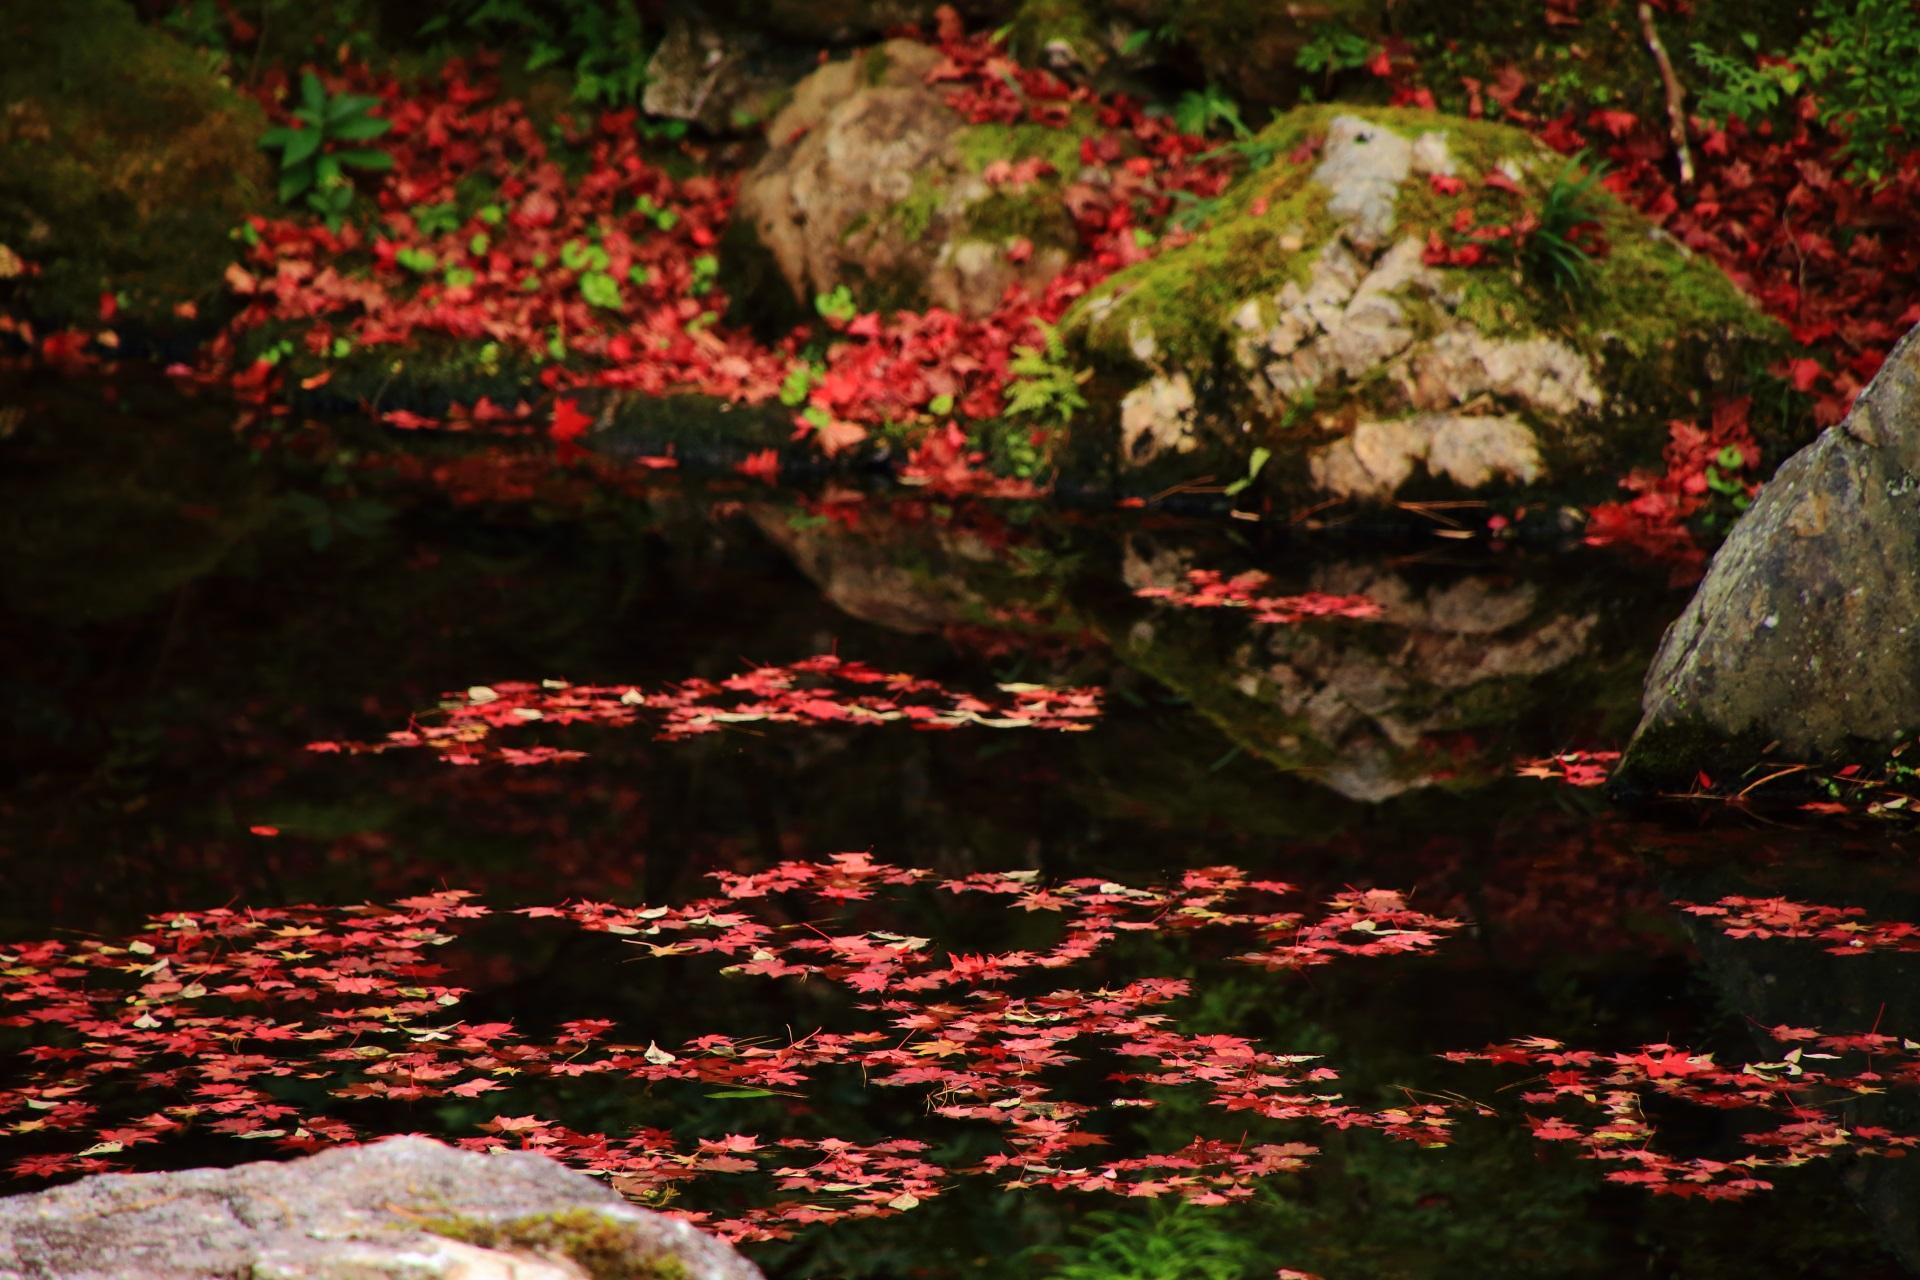 池に浮かぶ華やかな赤い散紅葉